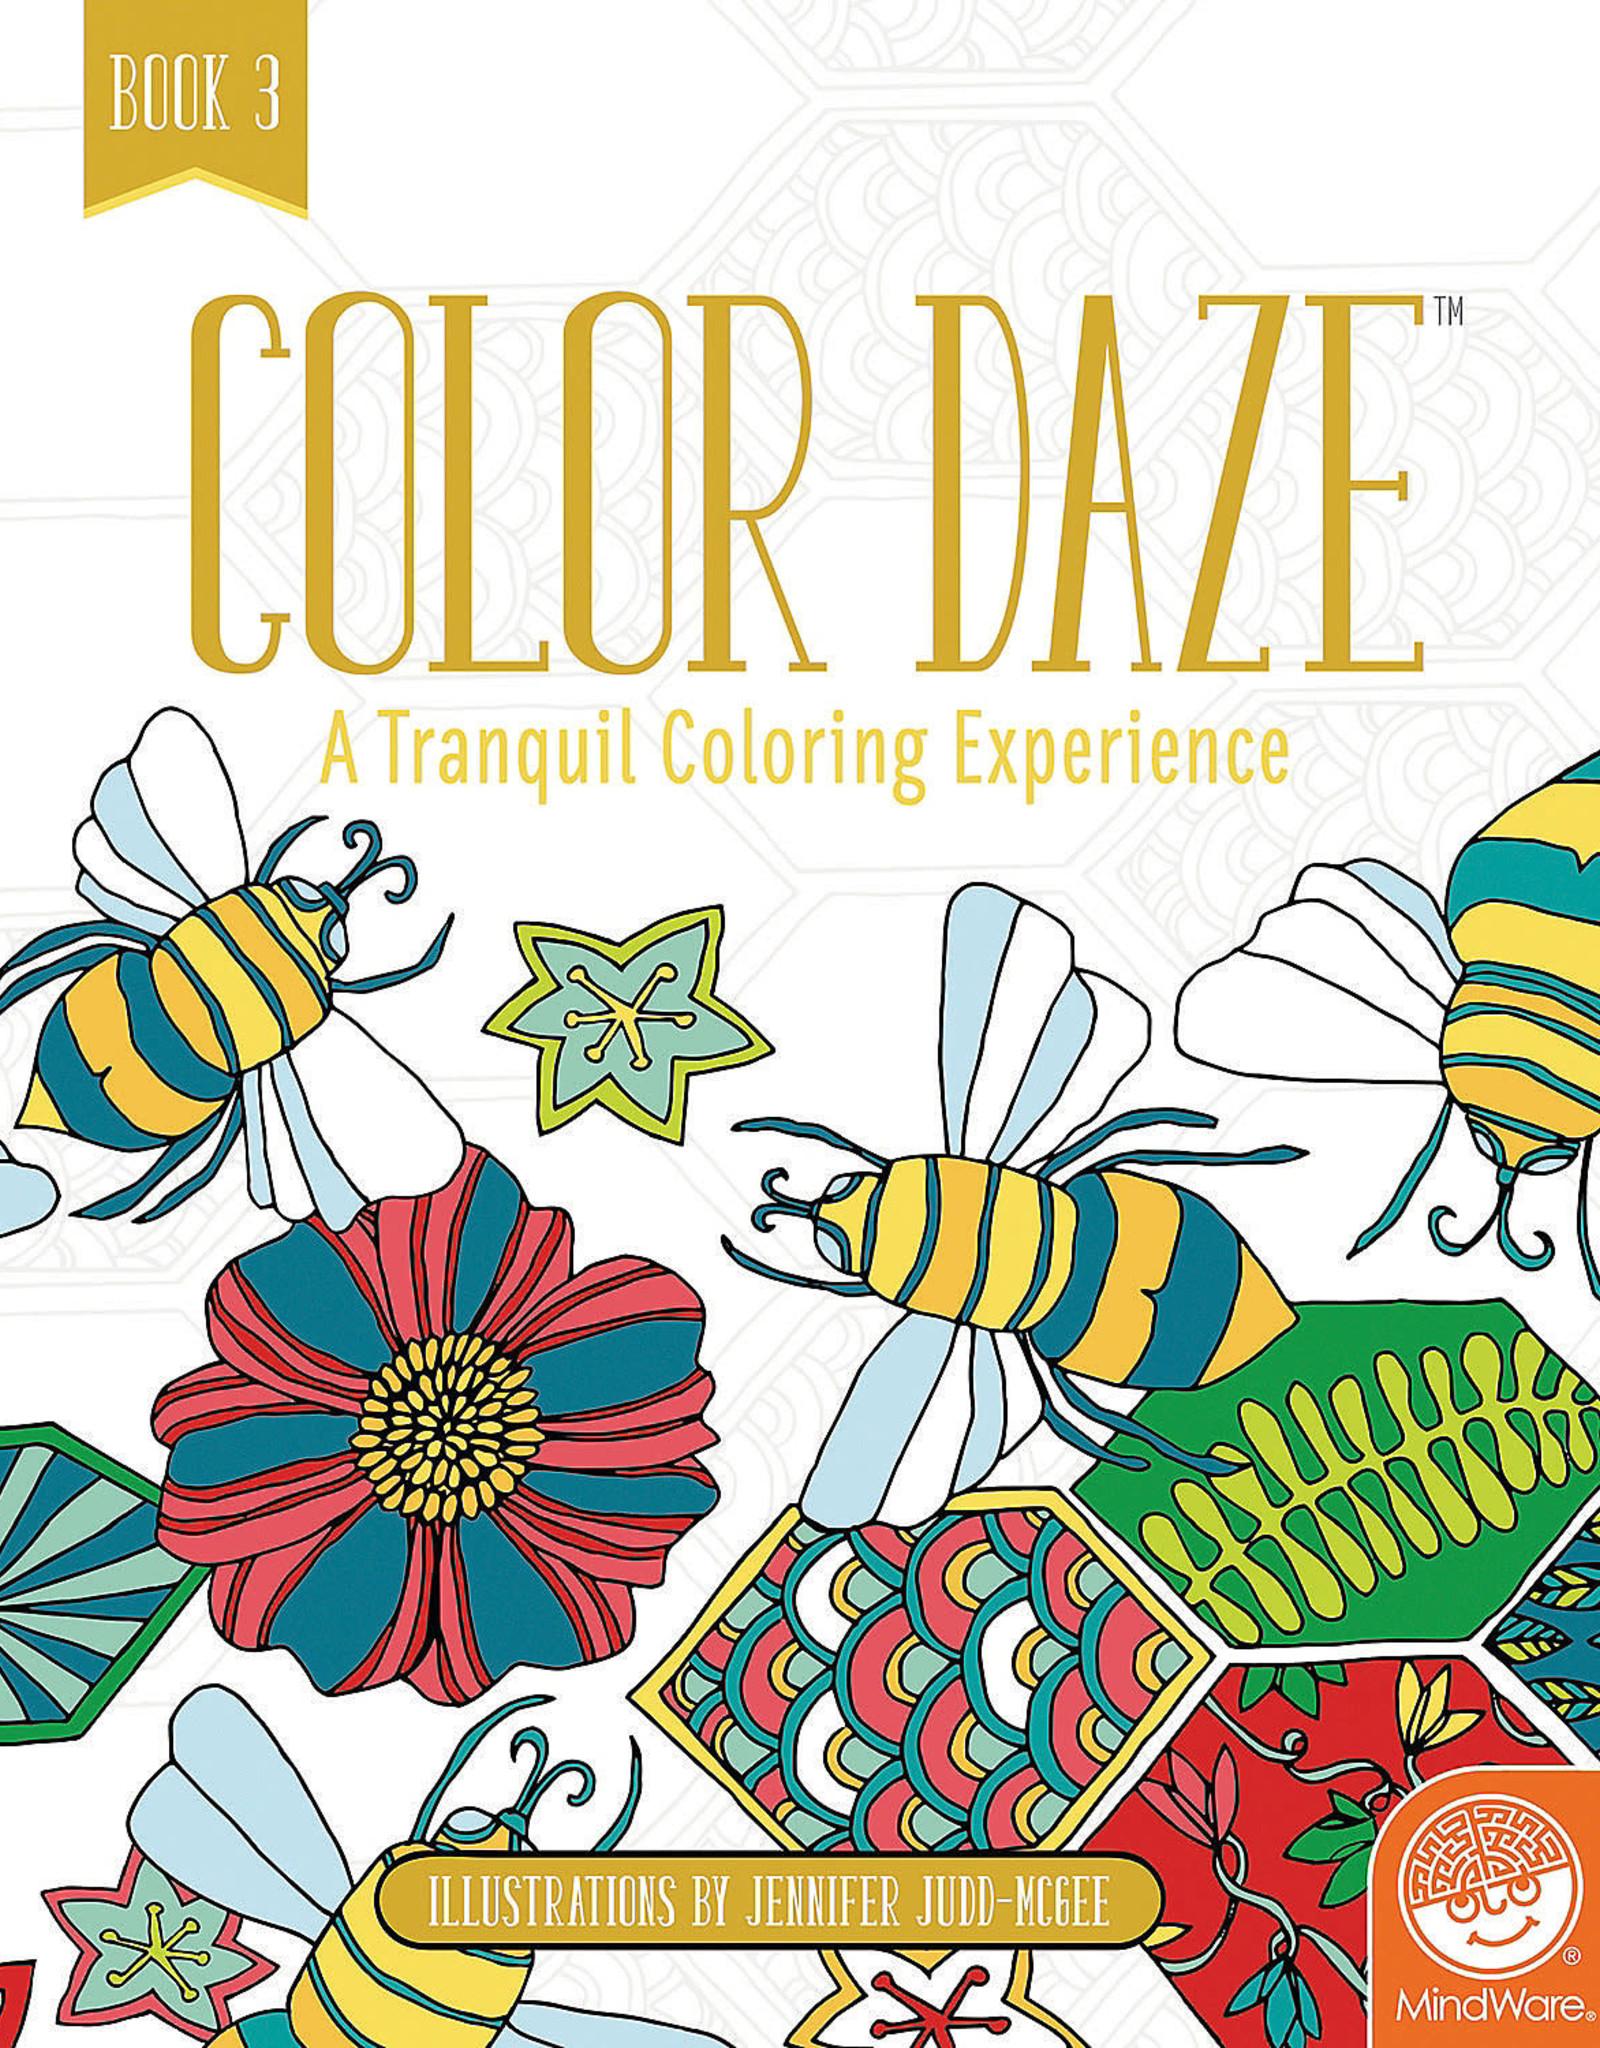 Mindware (Peaceable Kingdon) Color Daze Book 3